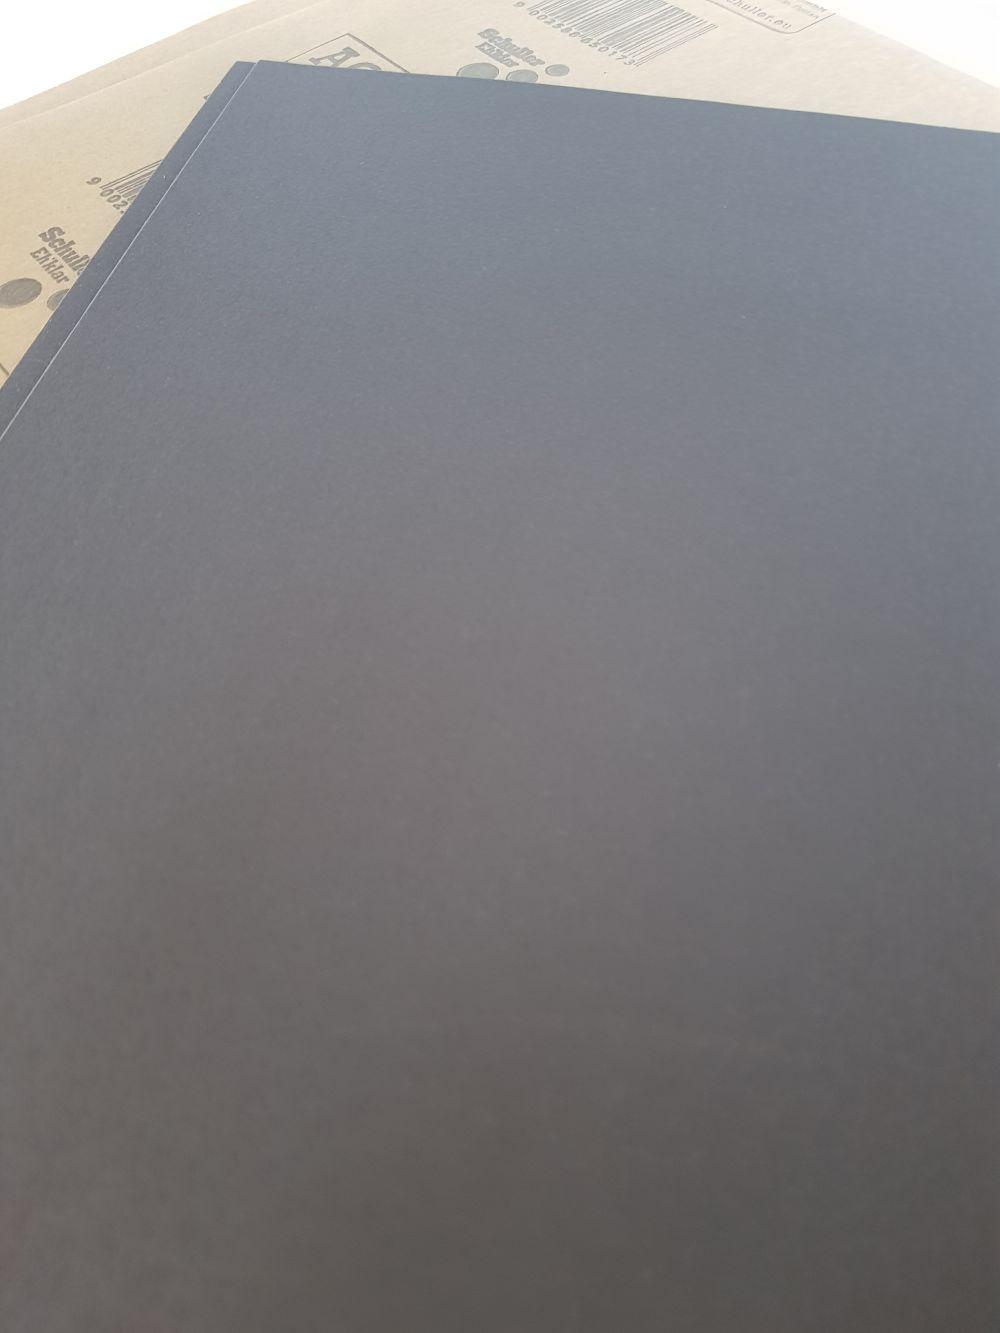 Vizes csiszolópapír P 240 Klingspor BAUplaza Kft.